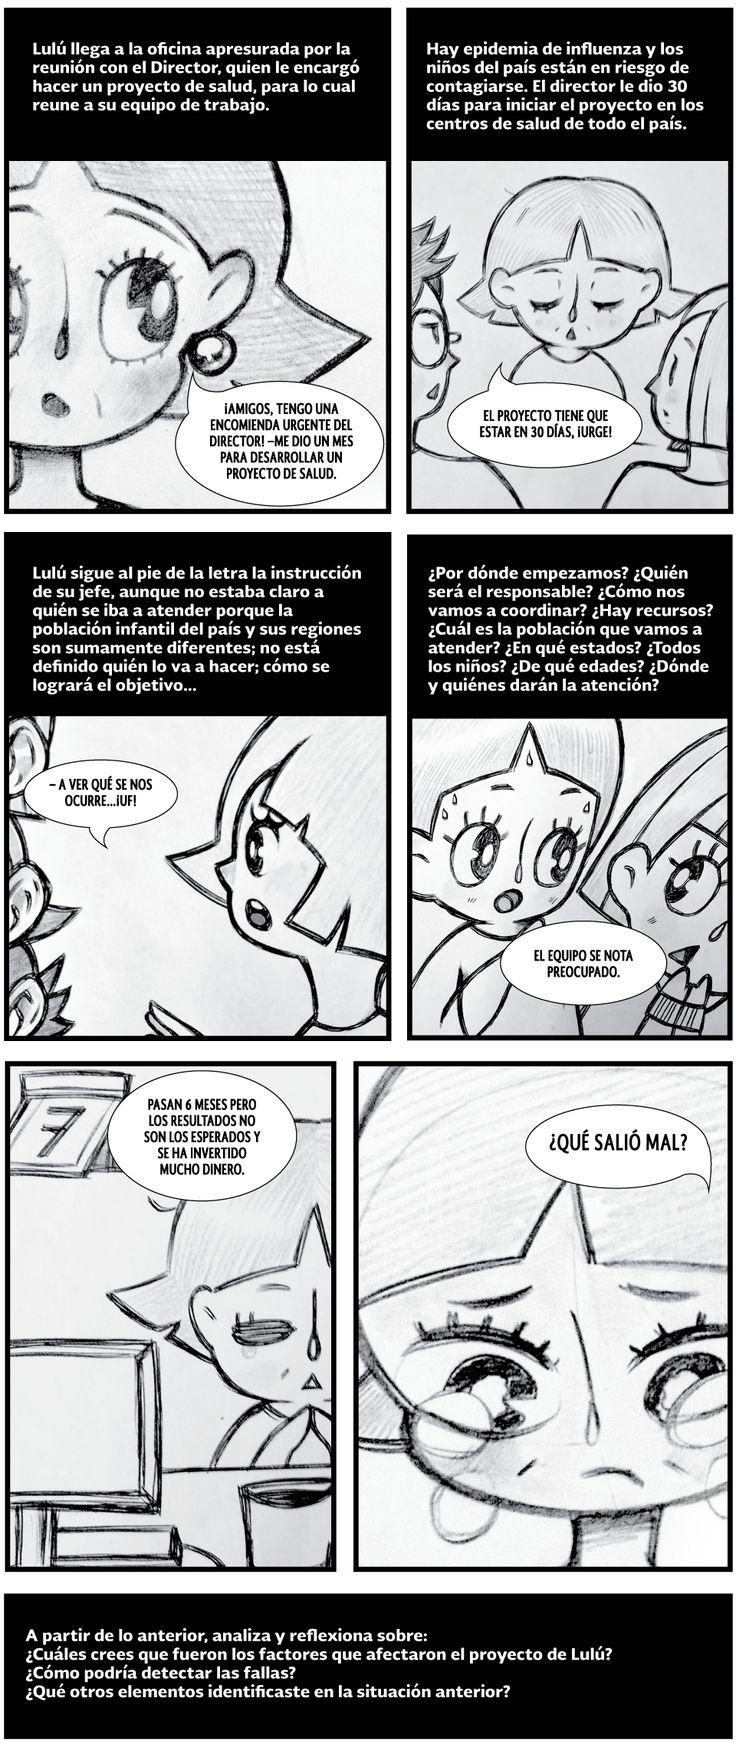 Reflexión | Tema 4. Definición de la misión y visión | Material del curso PYPO17092X | MéxicoX